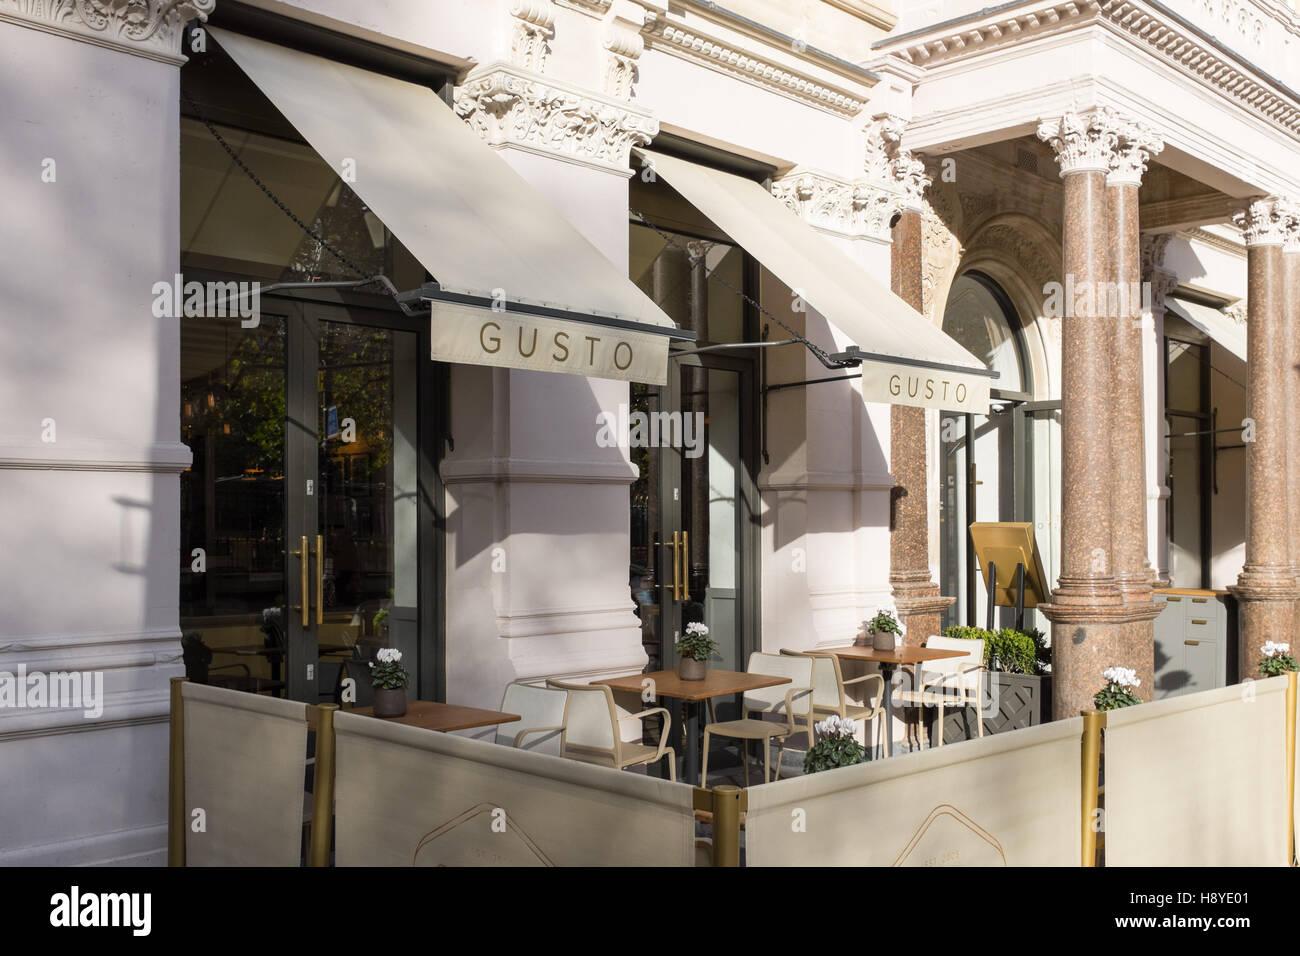 Italienische Restaurant Gusto in Colmore Reihe, Birmingham Stockbild